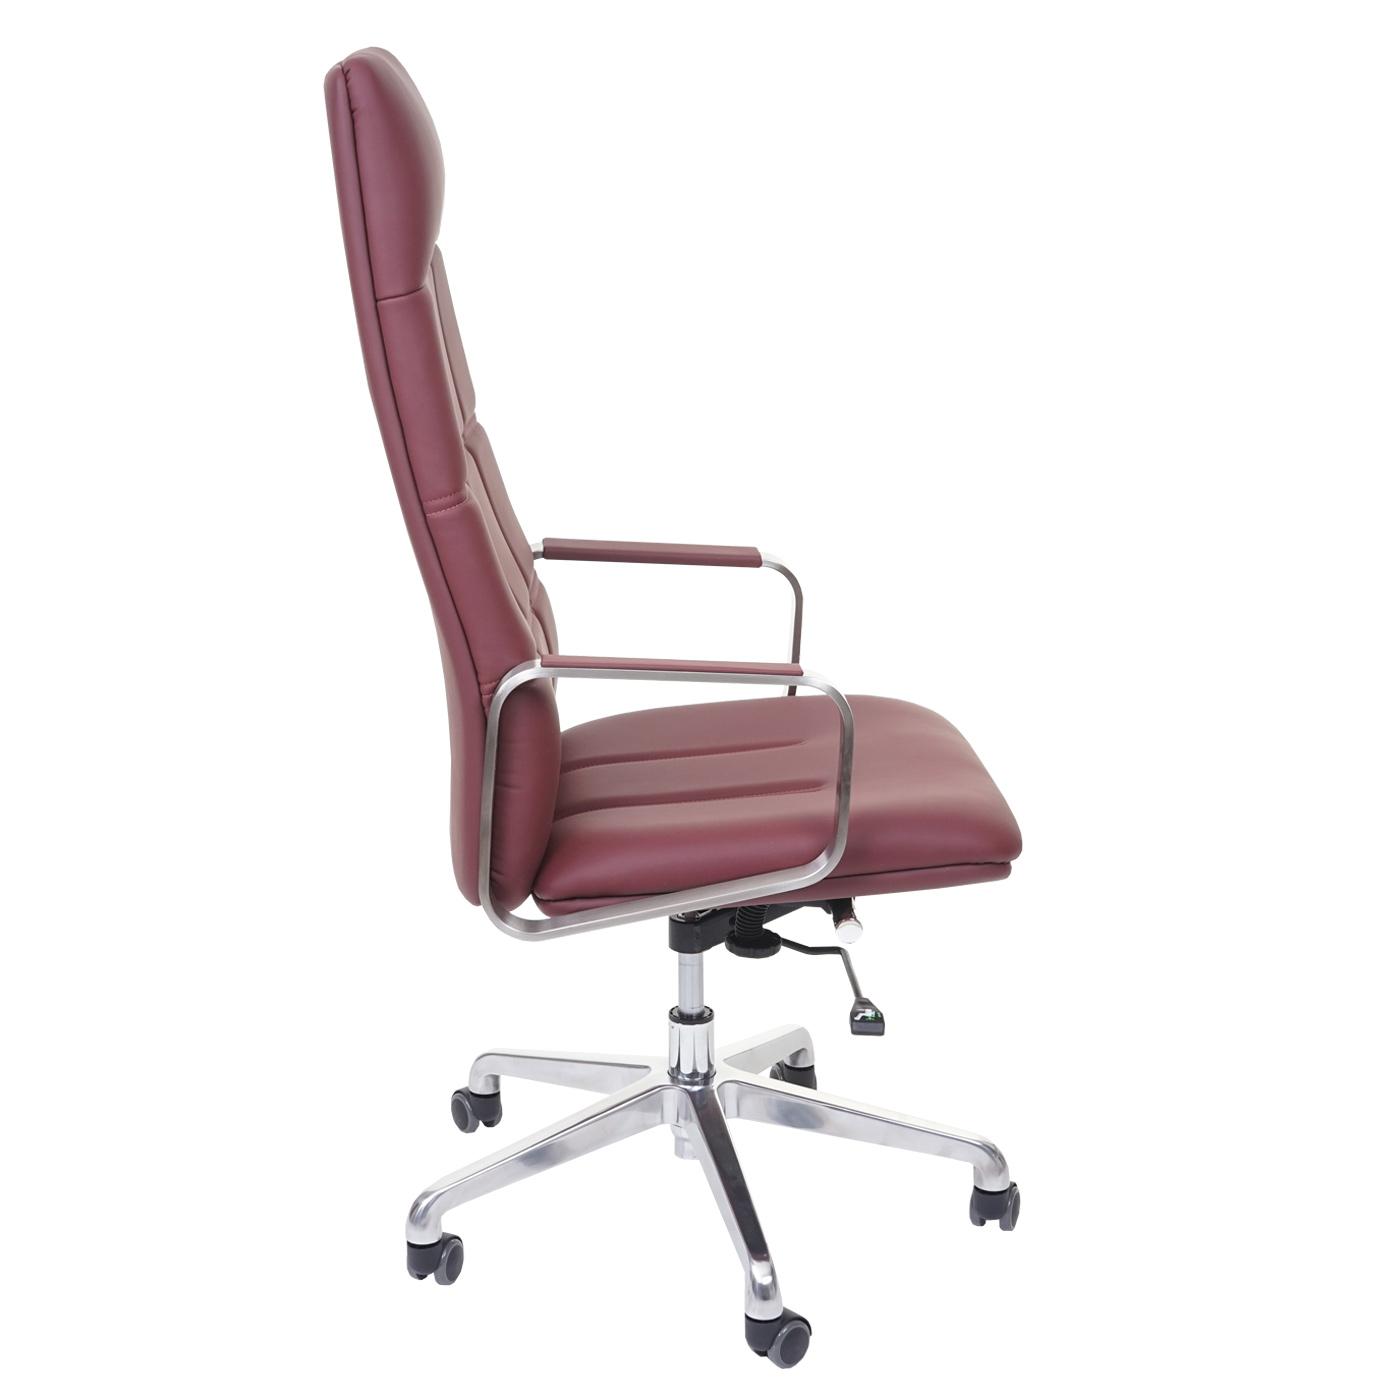 b rostuhl hwc a57 schreibtischstuhl drehstuhl voll leder kunstleder edelstahl iso9001 weinrot. Black Bedroom Furniture Sets. Home Design Ideas